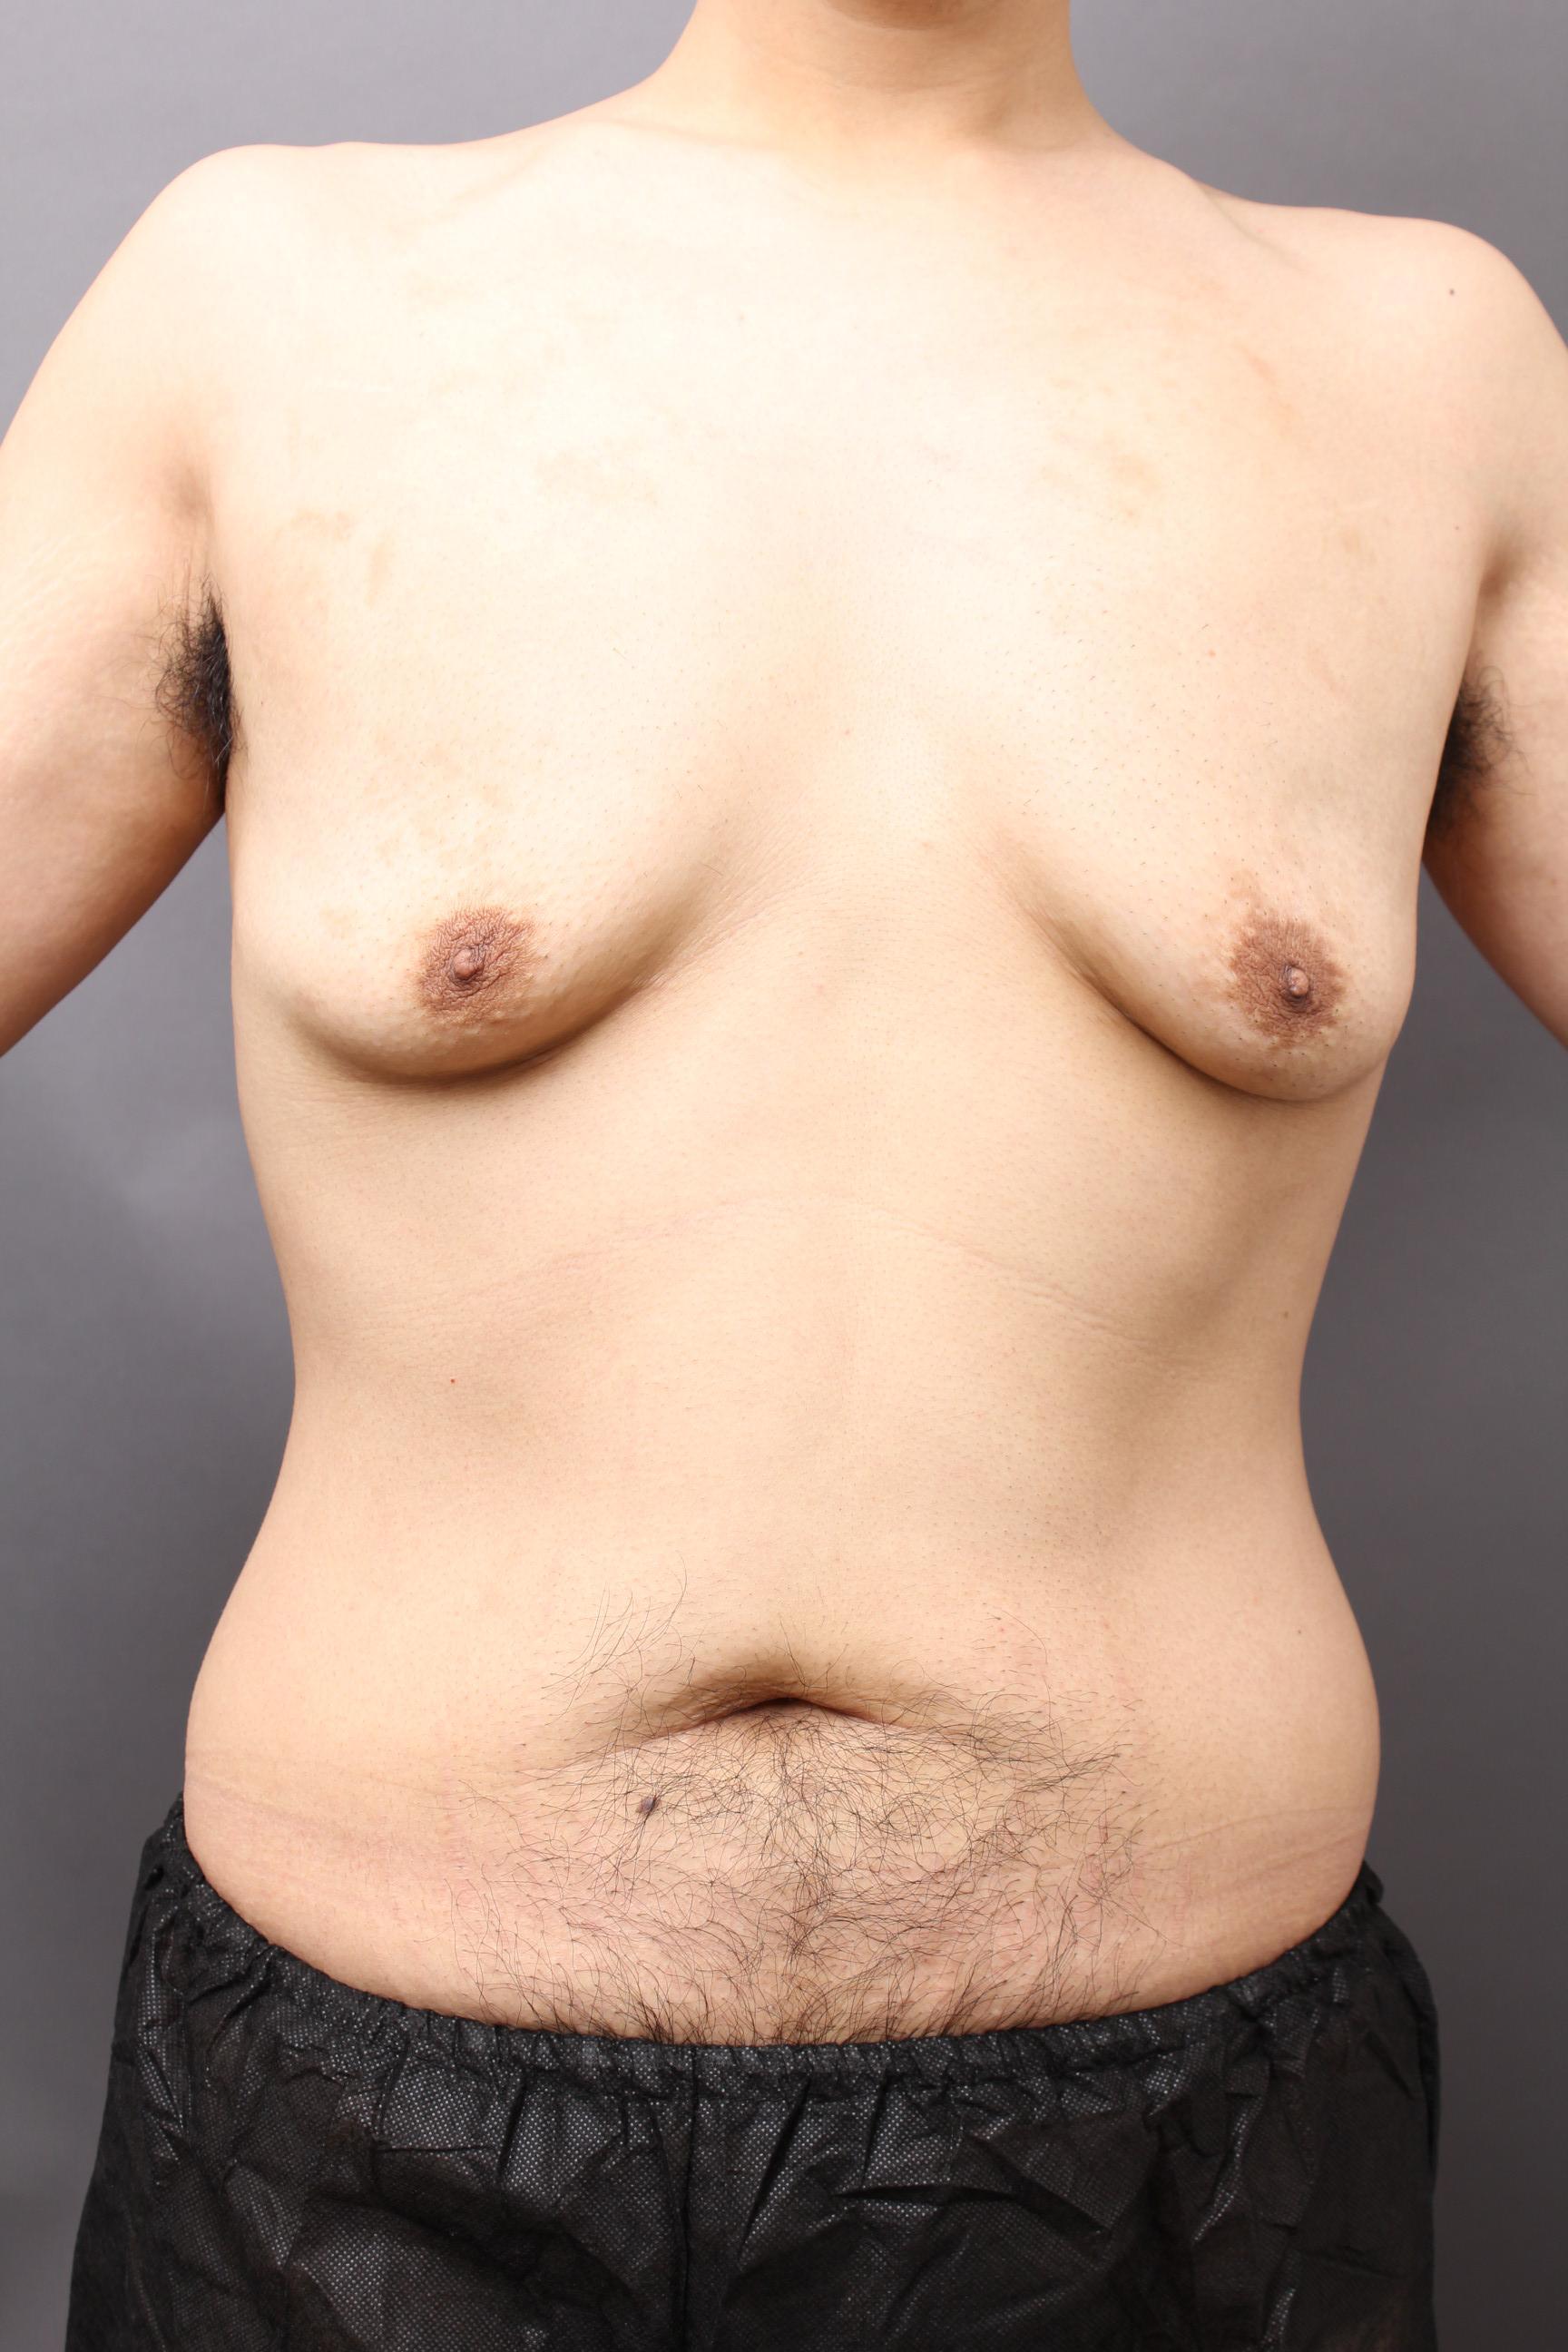 女性化乳房:VASER+乳腺切除+サーミタイト術後